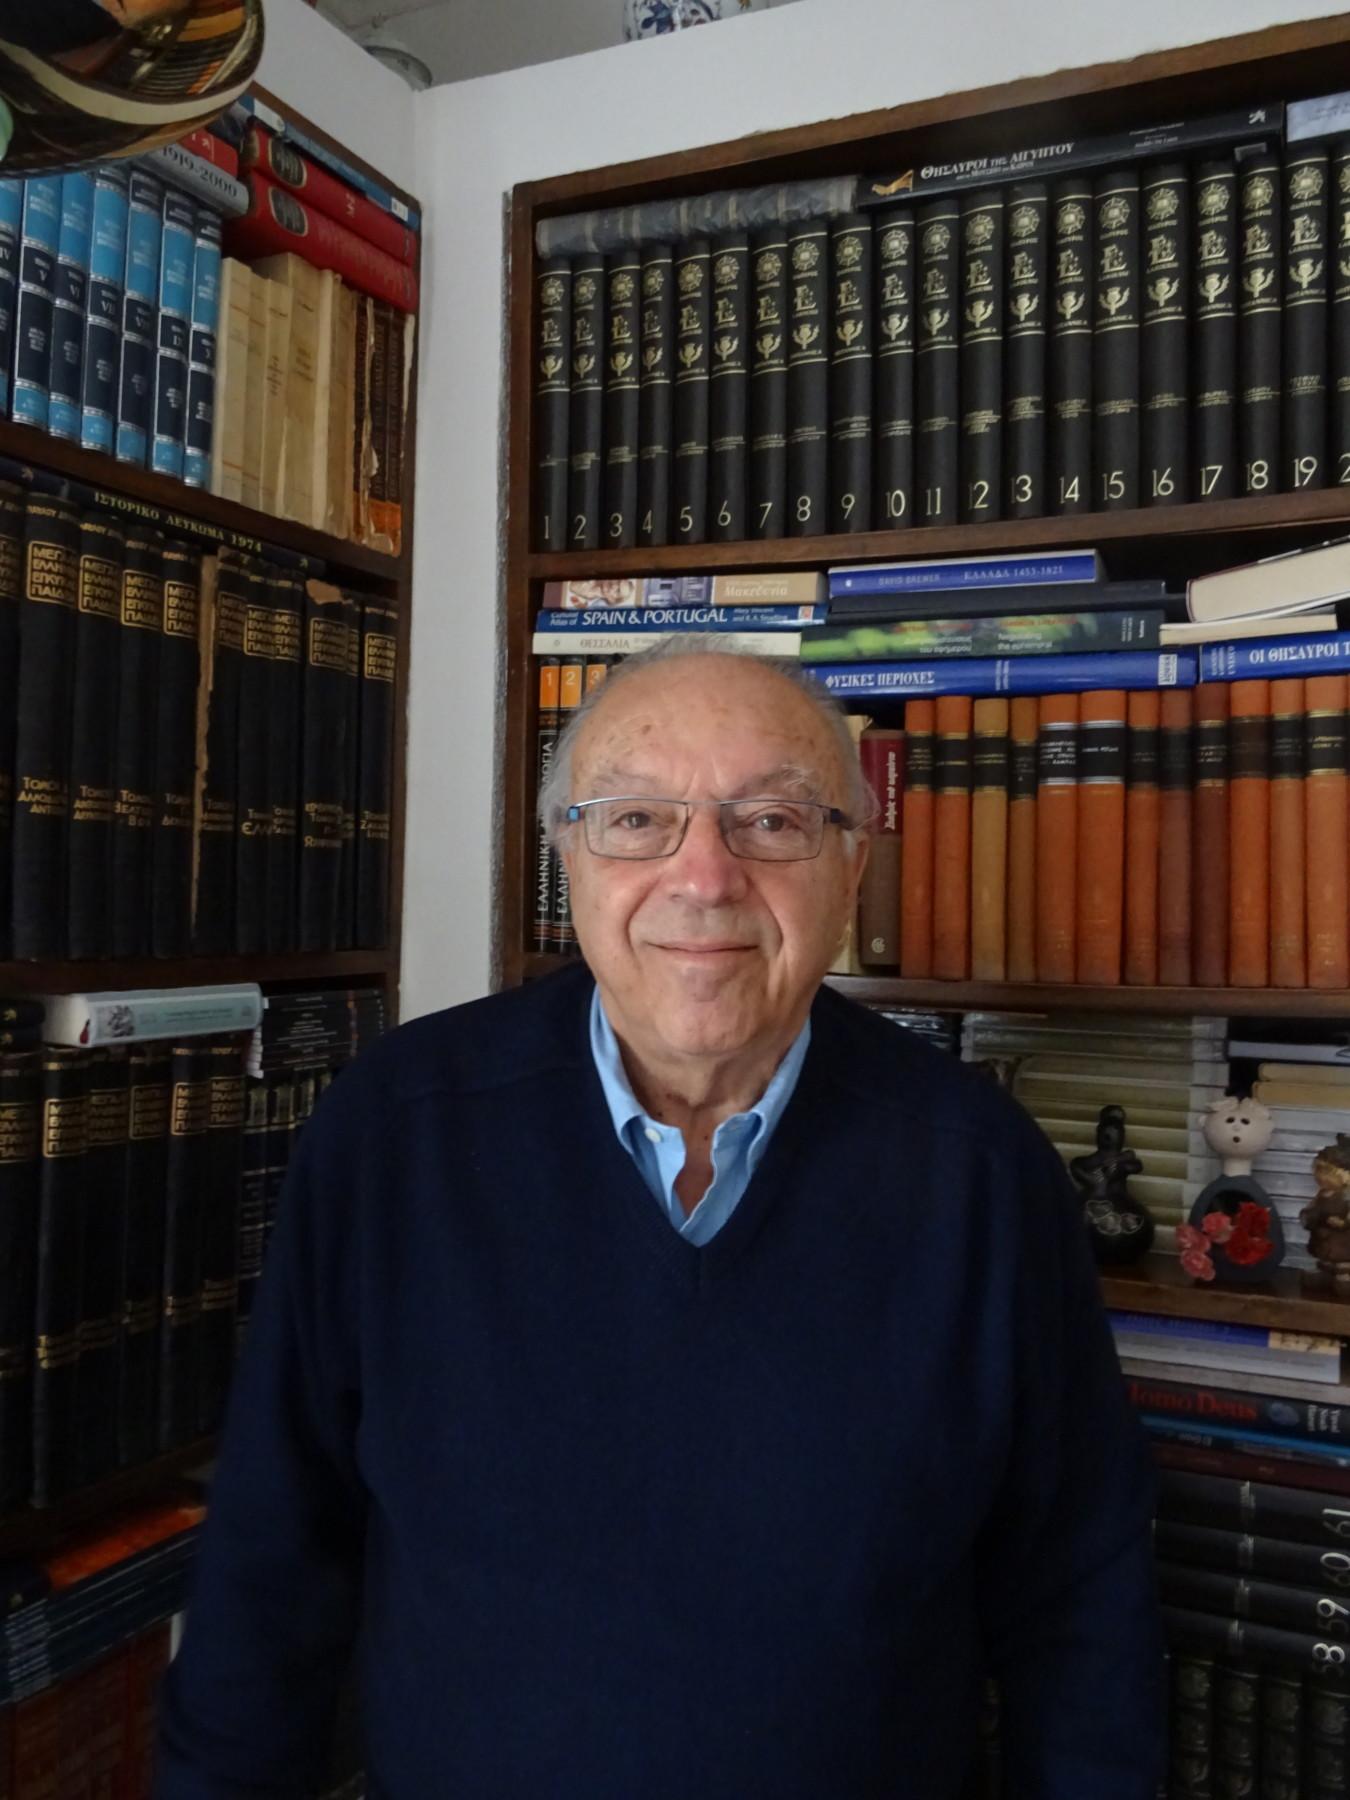 Ο κ. Θεοφάνης Γέμτος είναι ομότιμος Καθηγητής του Πανεπιστημίου Θεσσαλίας